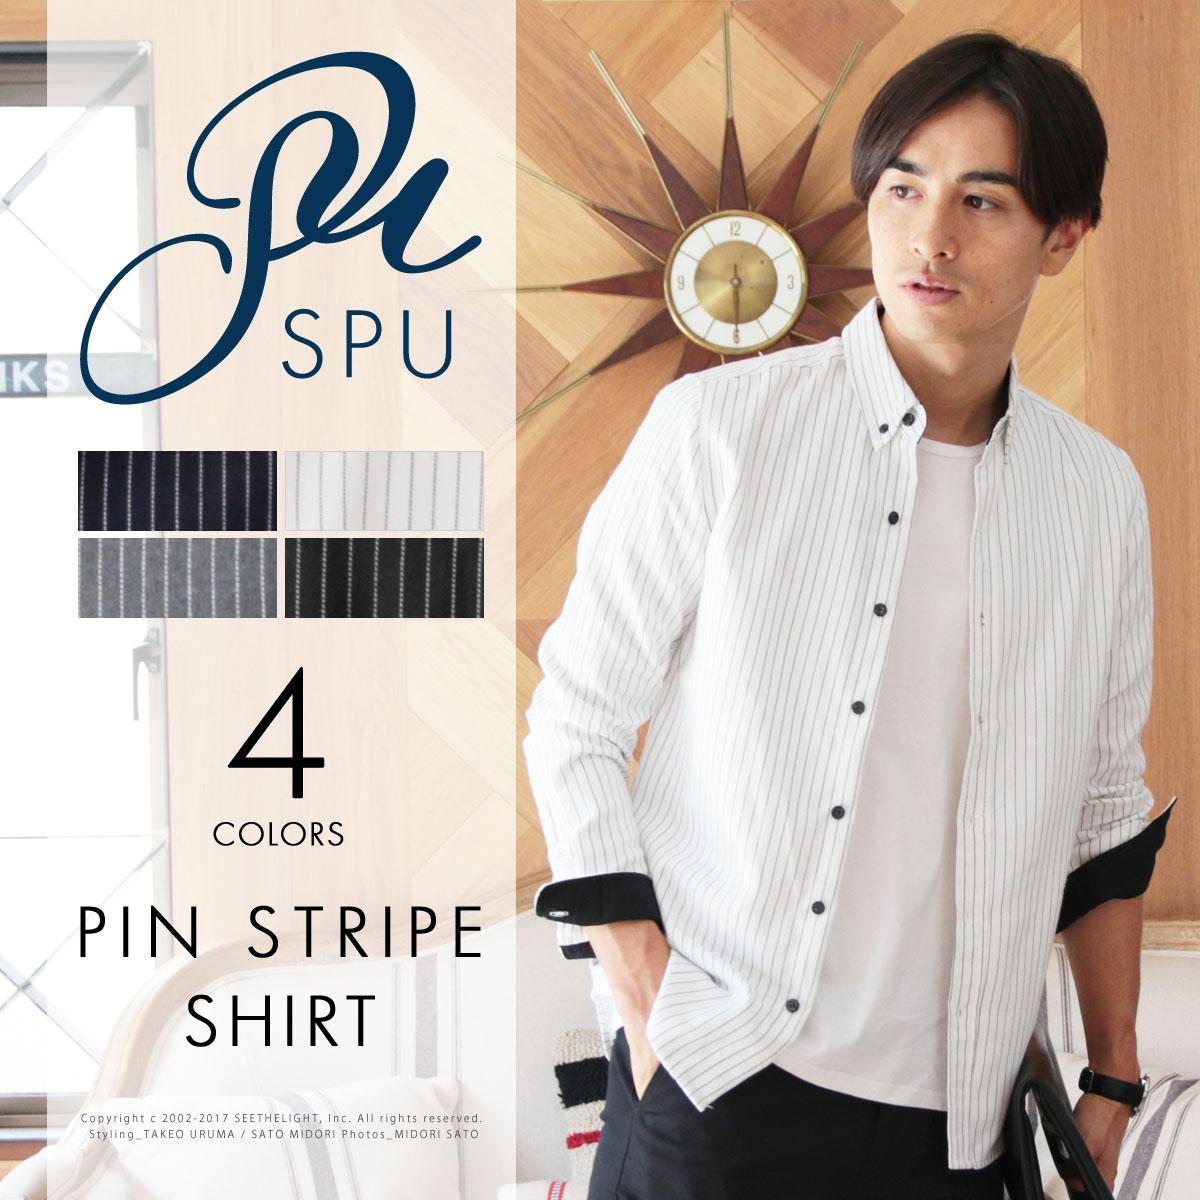 メンズ シャツ メンズファッション 春 ストライプ 長袖 シャツ ピンストライプ SPU スプ